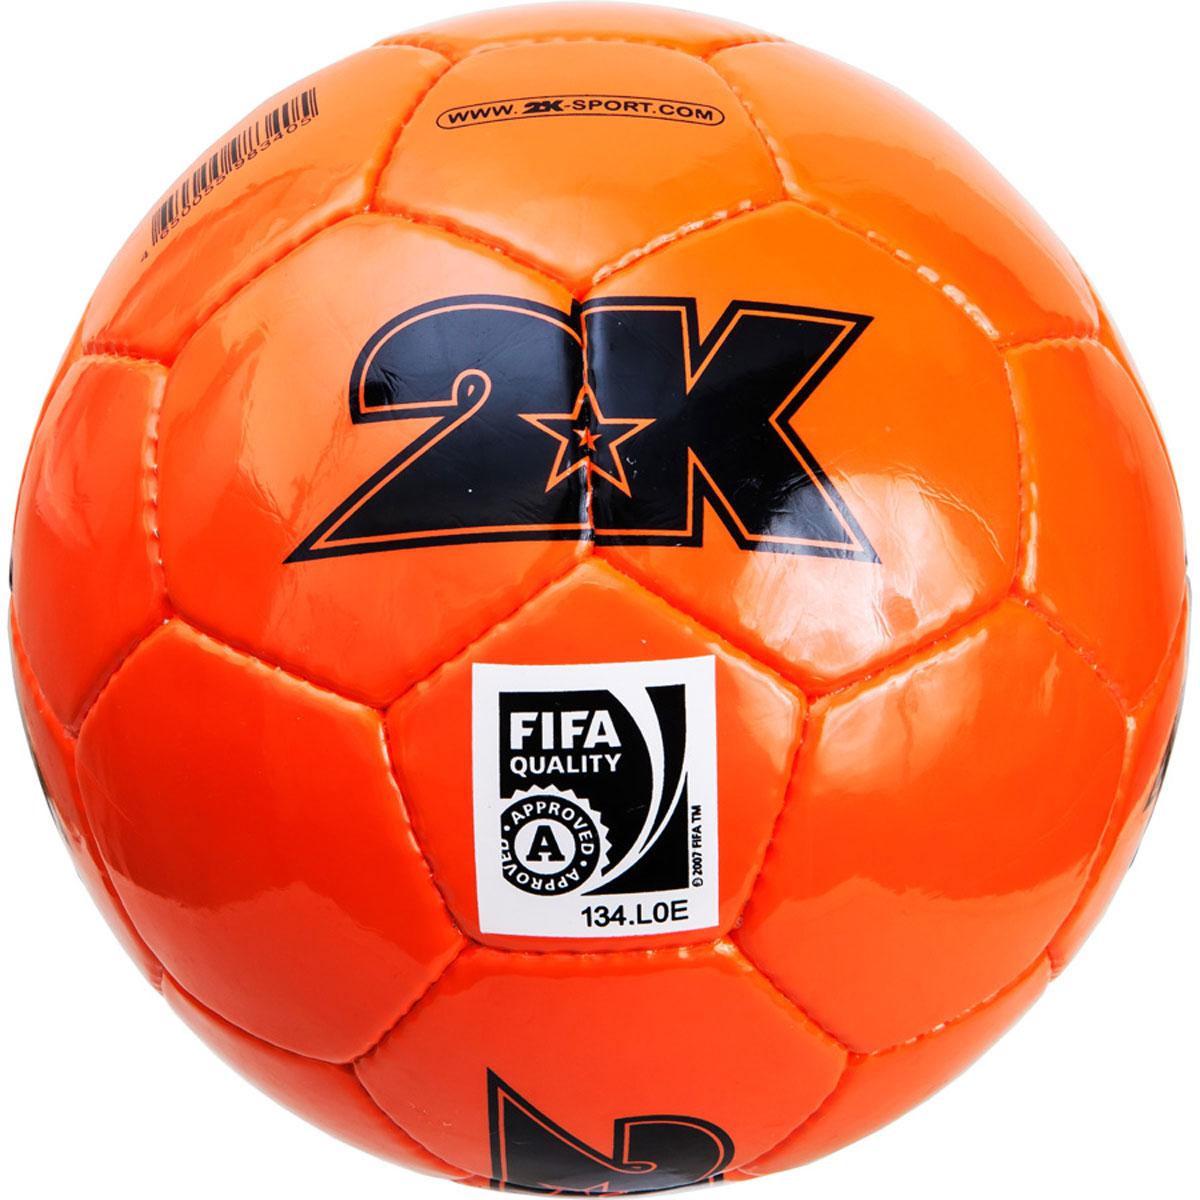 Мяч футбольный 2K Sport Elite, цвет: оранжевый, черный. Размер 5127053Профессиональный футбольный мяч 2K Sport Elite одобрен FIFA для проведения соревнований высшей категории. Мяч состоит из 32 панелей ручной сшивки. Швы проклеены для герметизации. Мяч выполнен из переливающегося ламинированного полиуретана. Имеется три подкладочных слоя из эксклюзивной ткани – смеси хлопка с полиэстером. Идеально сбалансированная бесшовная камера изготовлена из натурального латекса.Сертификат FIFA Approved.